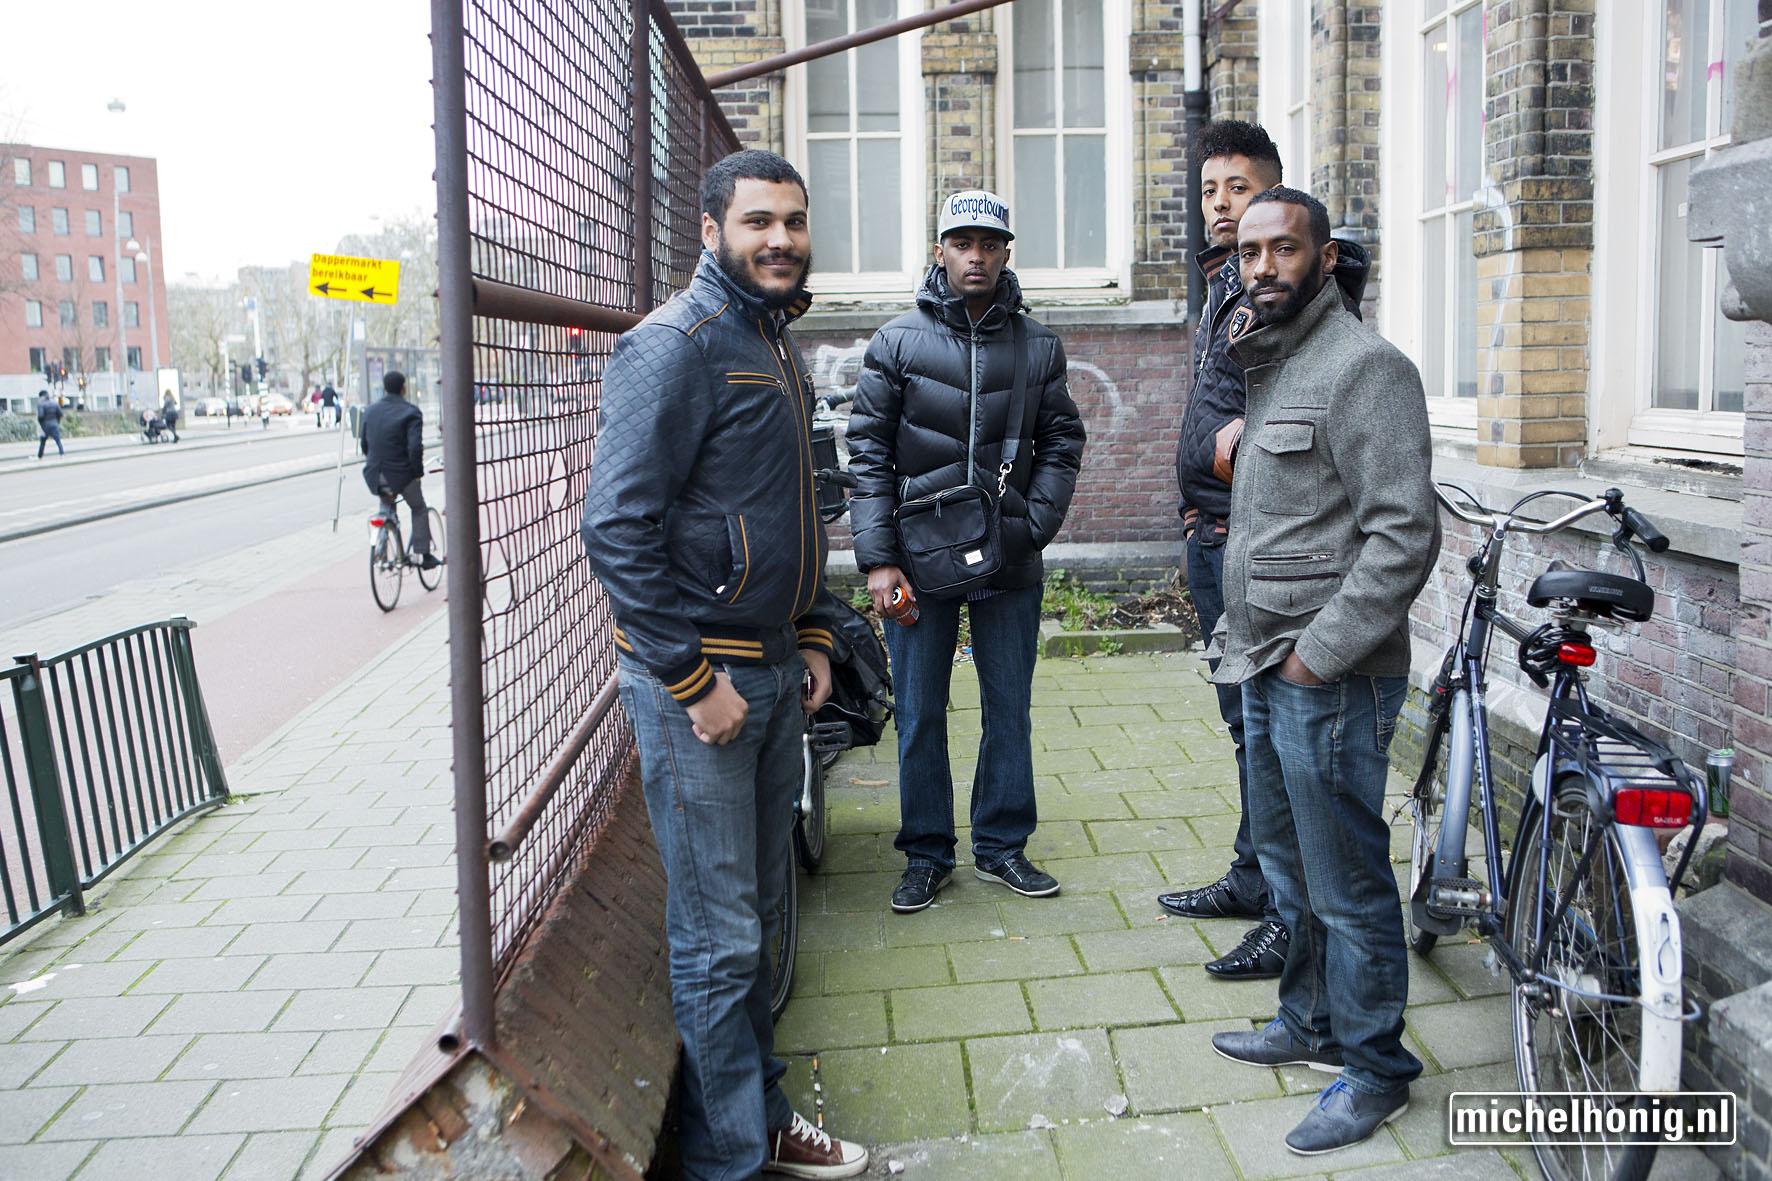 Eritreeër of Nederlander?